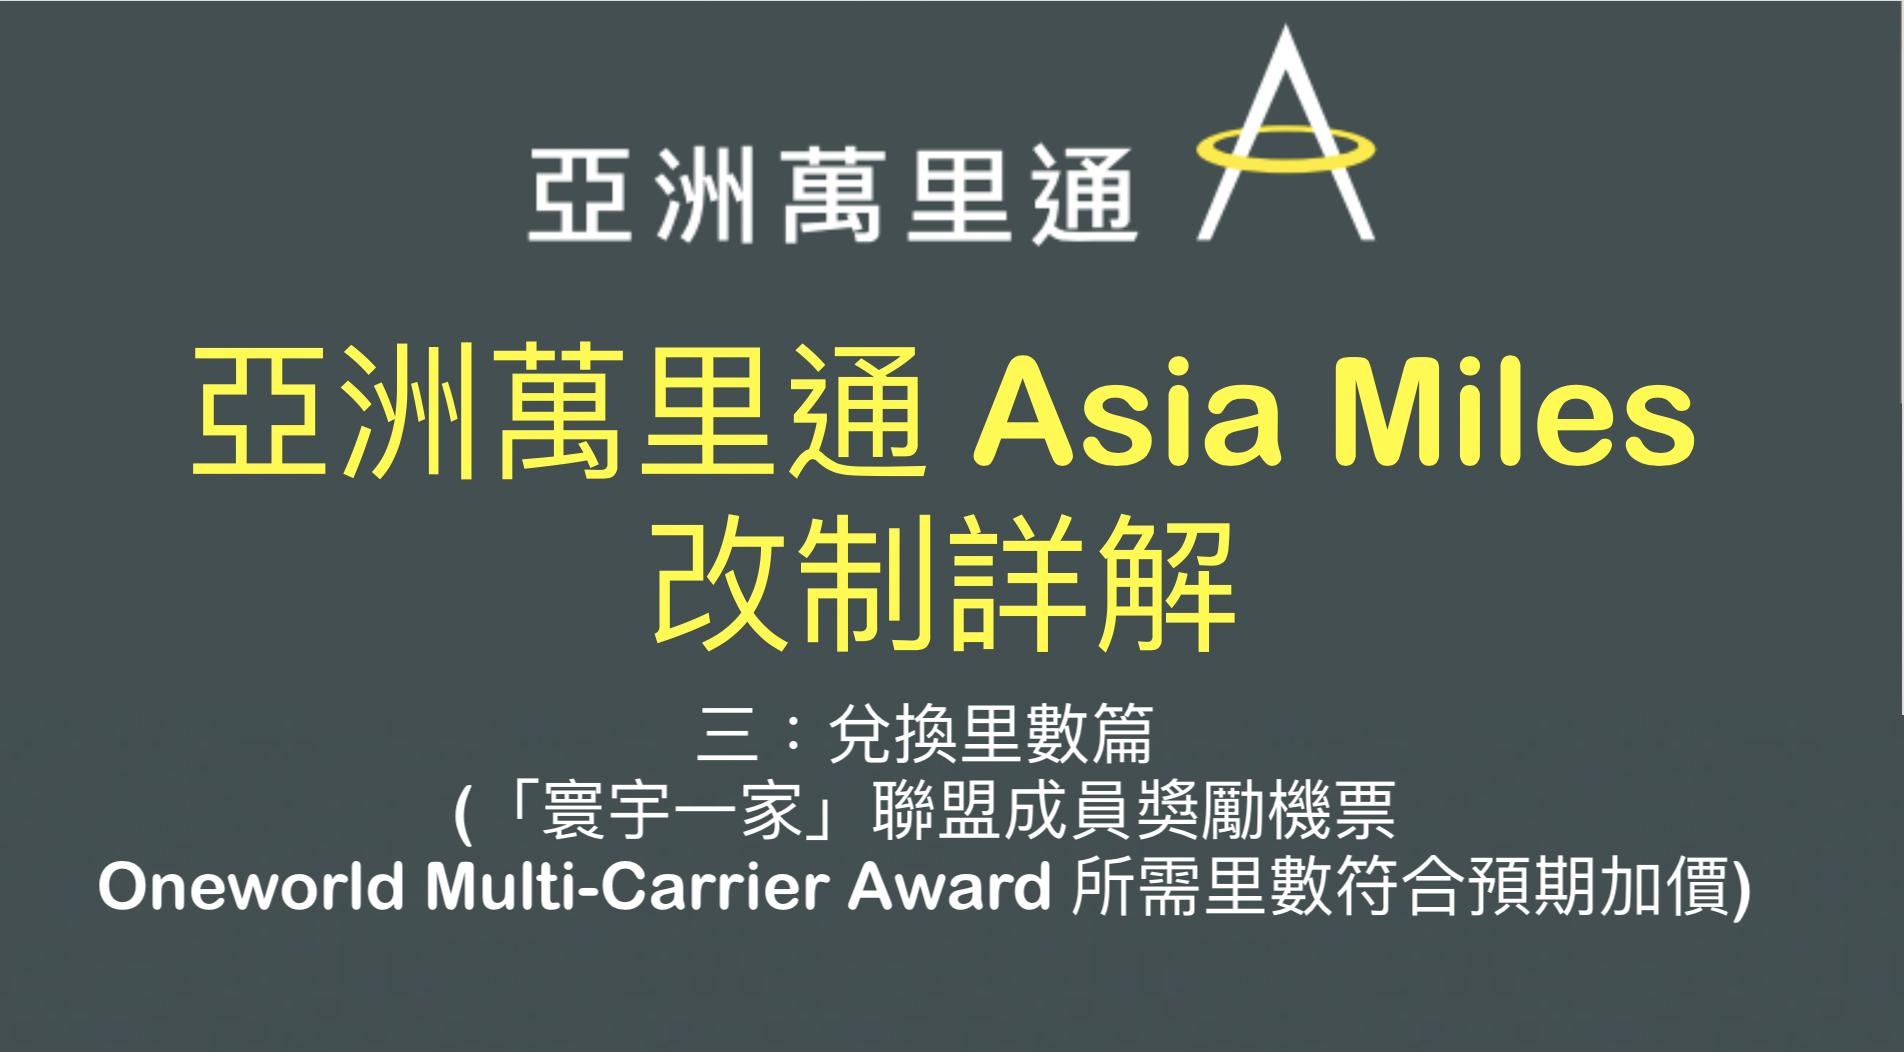 亞洲萬里通 Asia Miles 改制詳解三:兌換里數篇 (「寰宇一家」聯盟成員獎勵機票 Oneworld Multi-Carrier Award 所需里數符合預期加價)